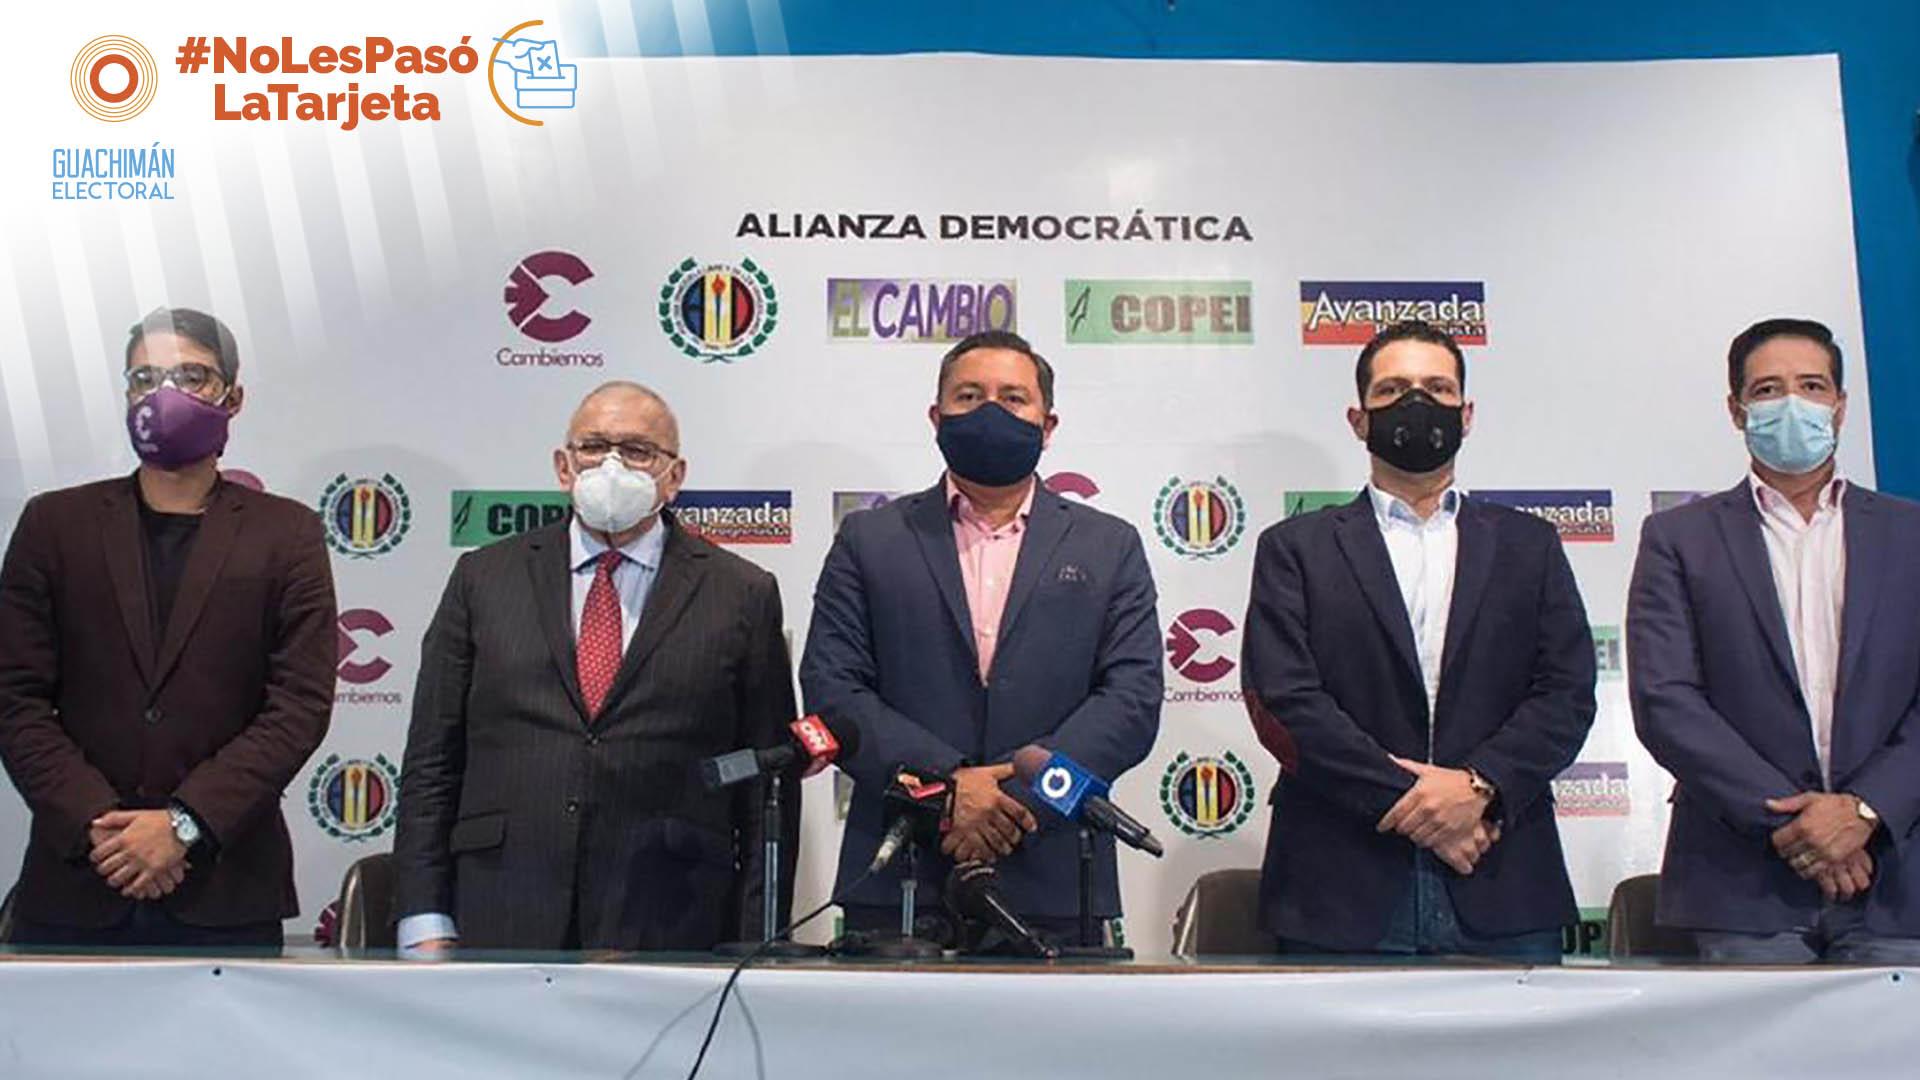 NoLesPasóLaTarjeta | Alianza Democrática: la unidad al otro lado de la unidad